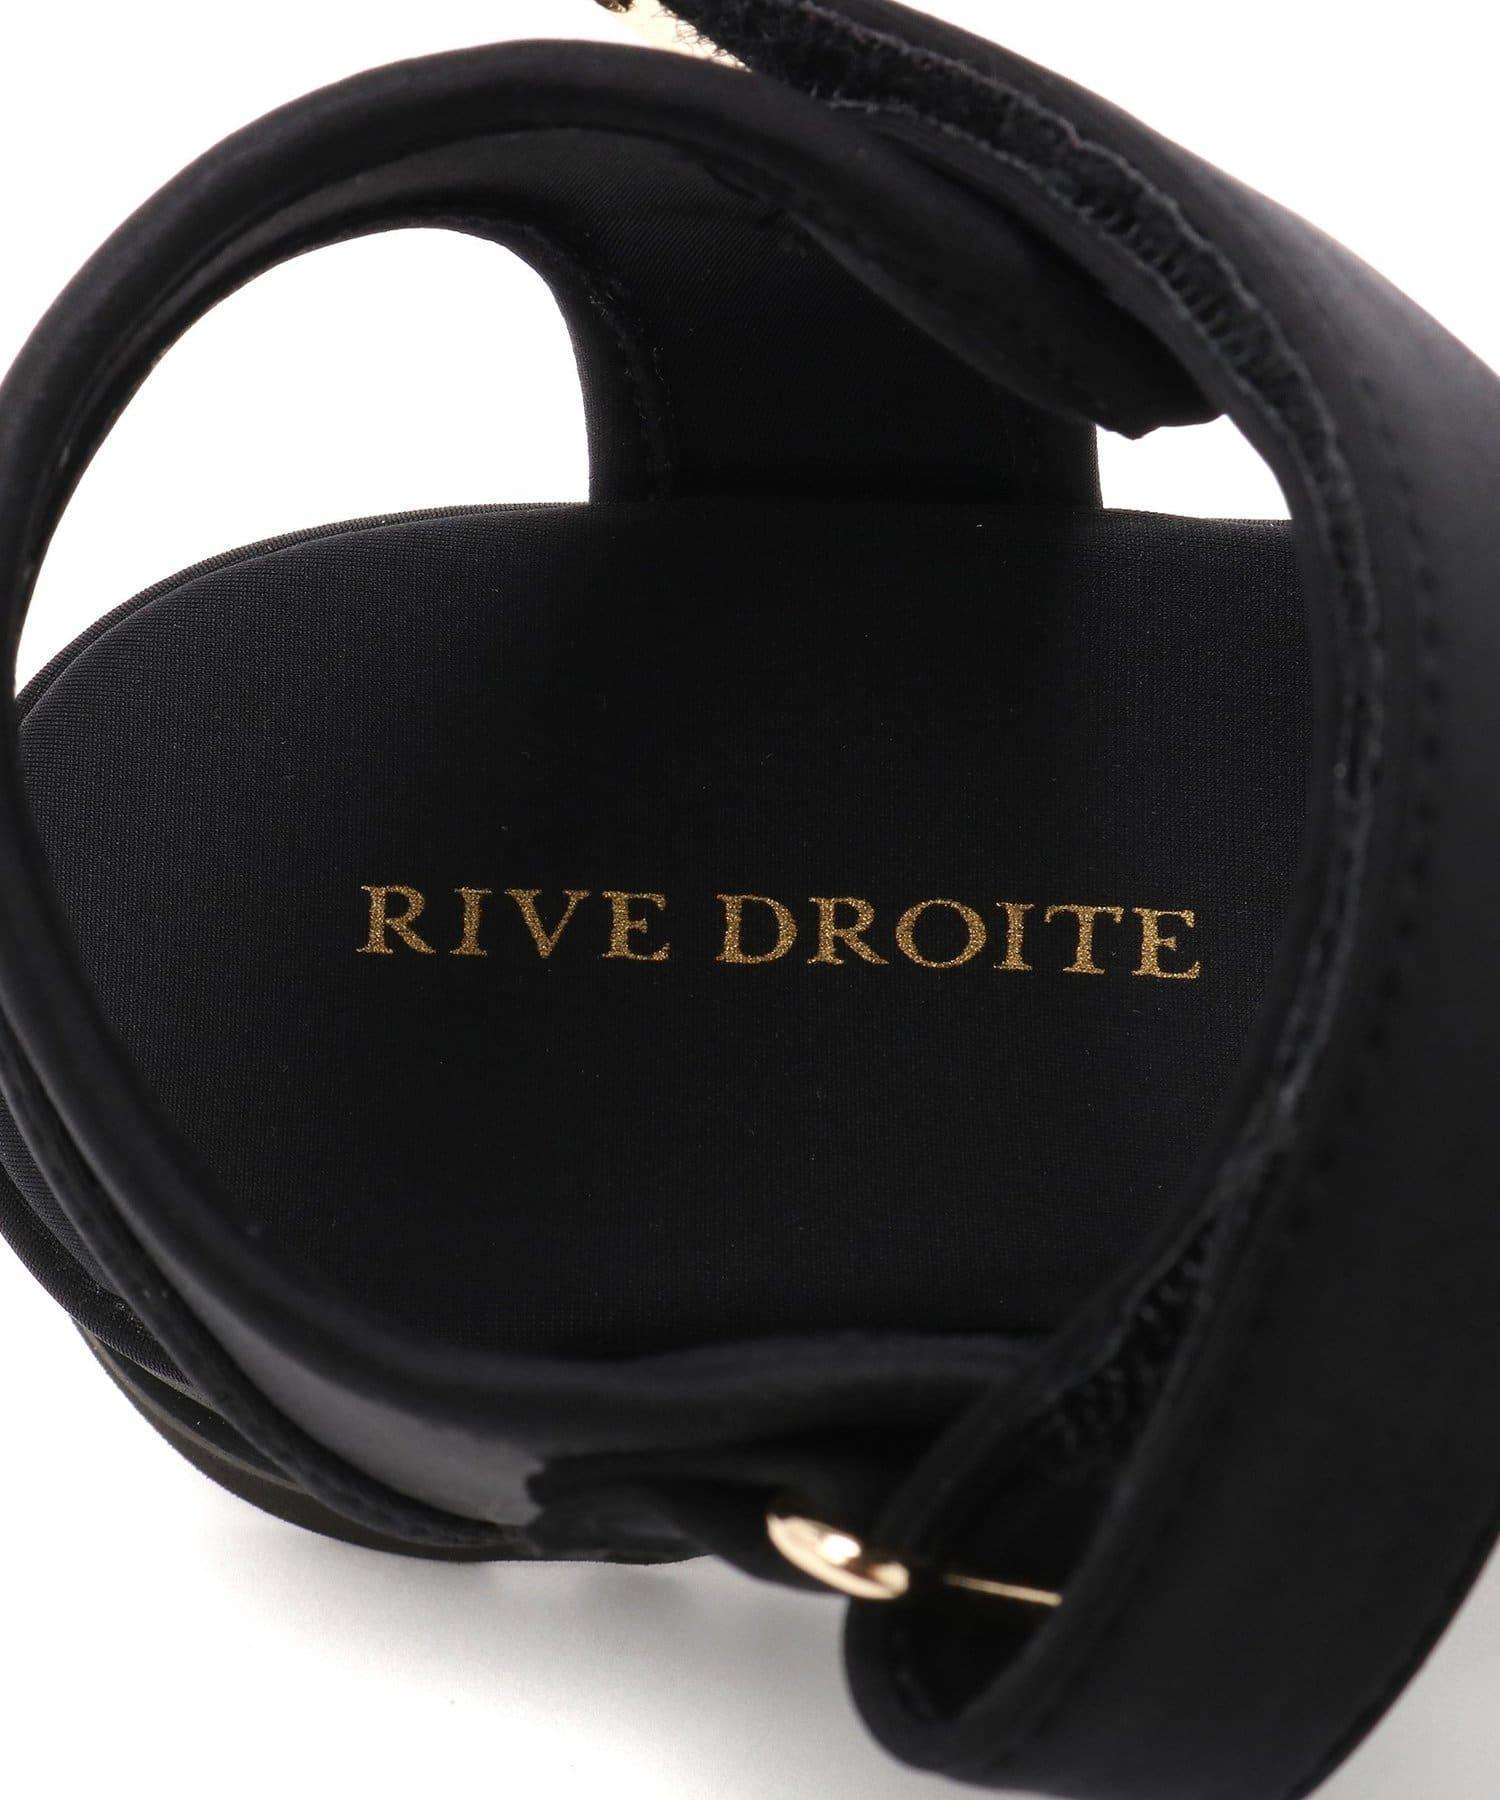 RIVE DROITE(リヴドロワ) 【安定感のある履き心地】ベルクロスポーツサンダル